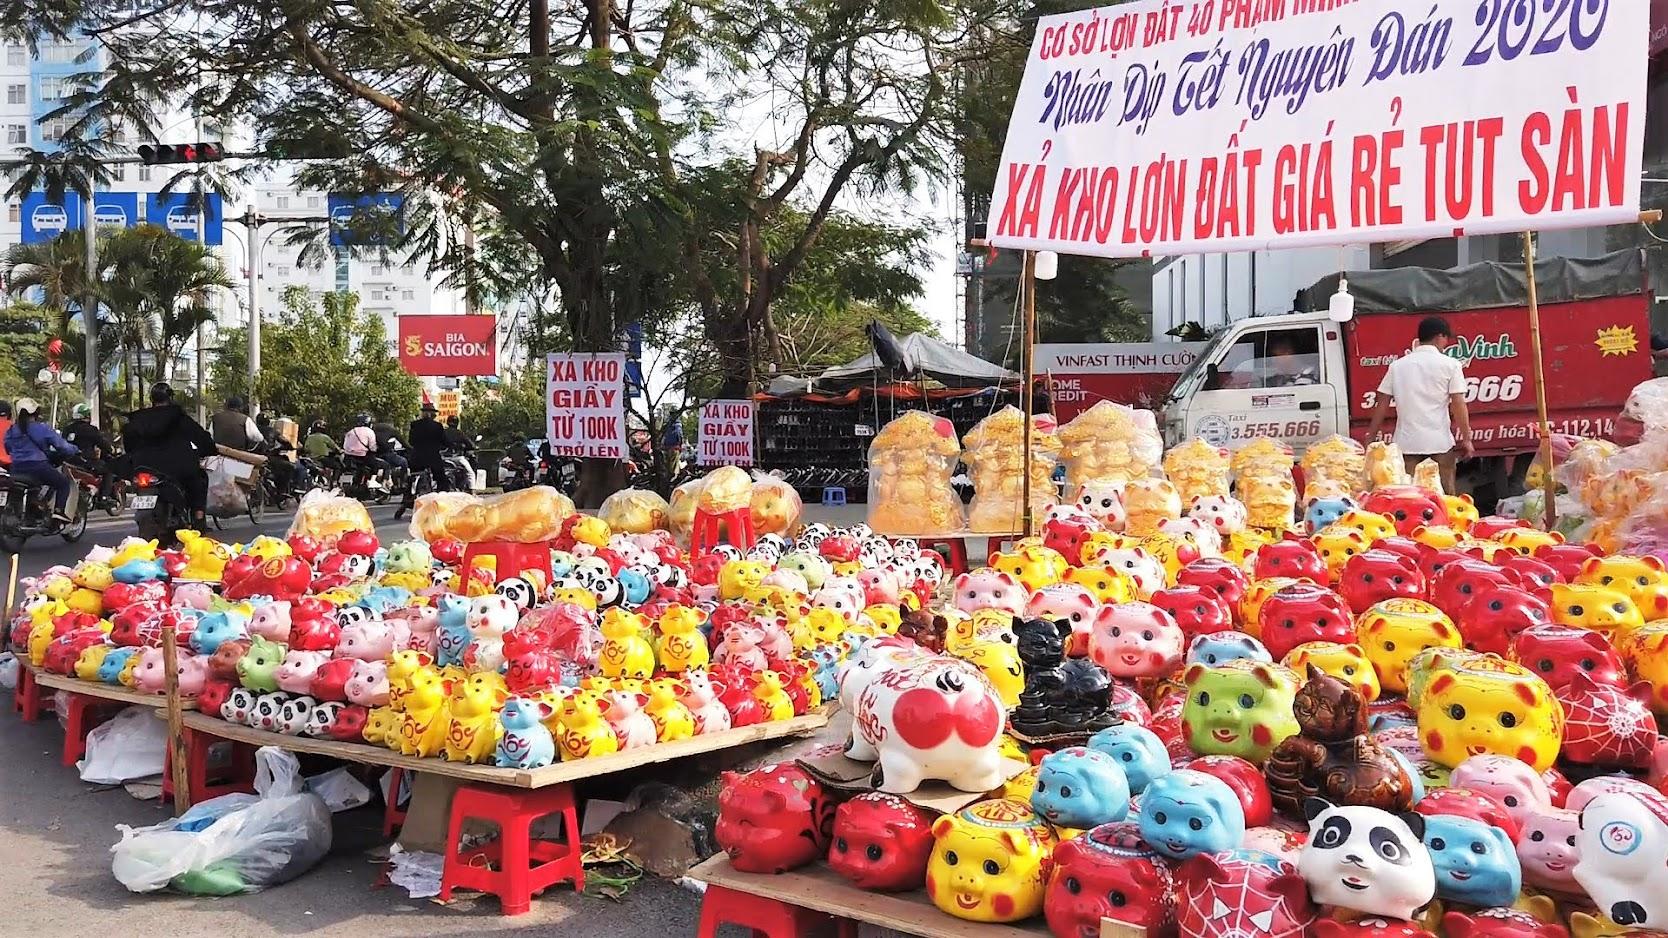 Chợ hoa Tết 2020 đường Lê Hồng Phong ở Hải Phòng 6